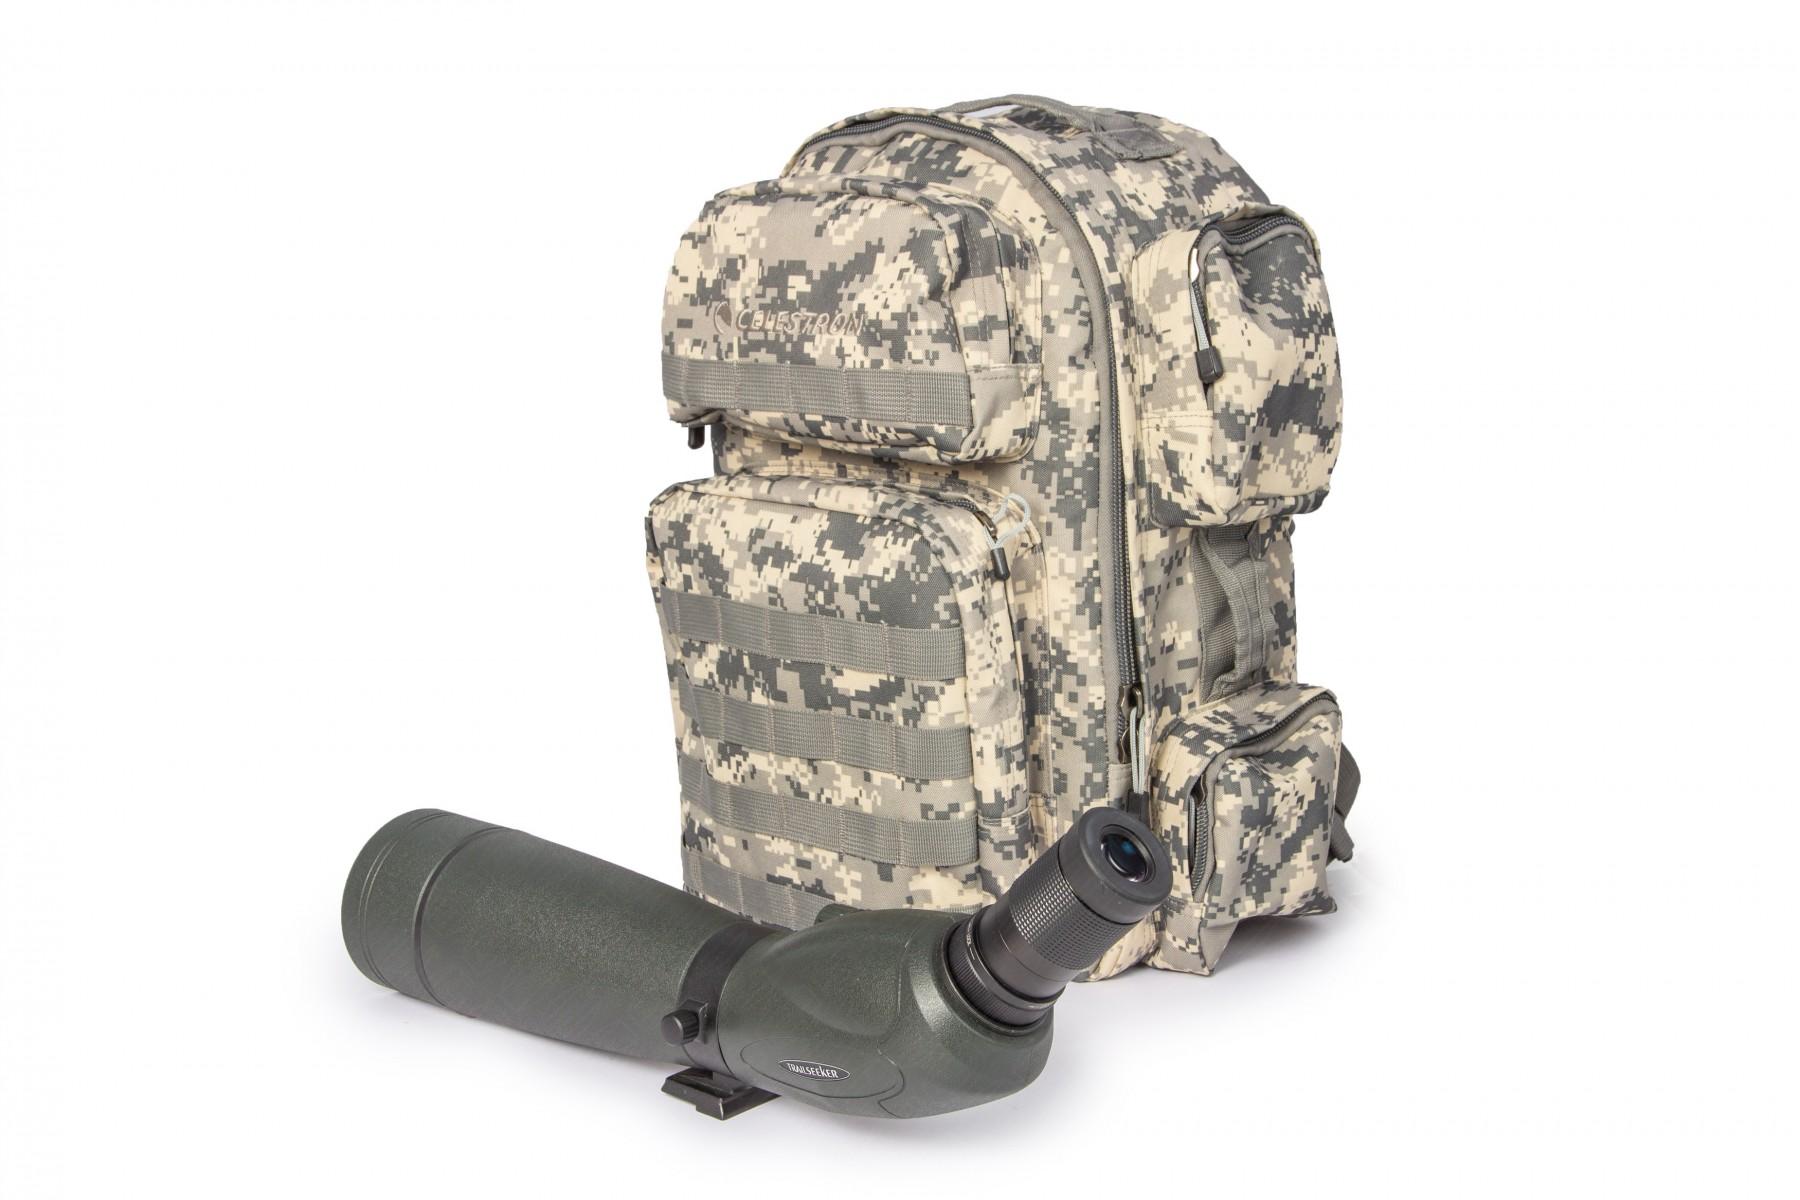 Anwendungsbild: Camouflage-Rucksack mit TrailSeeker Skektiv